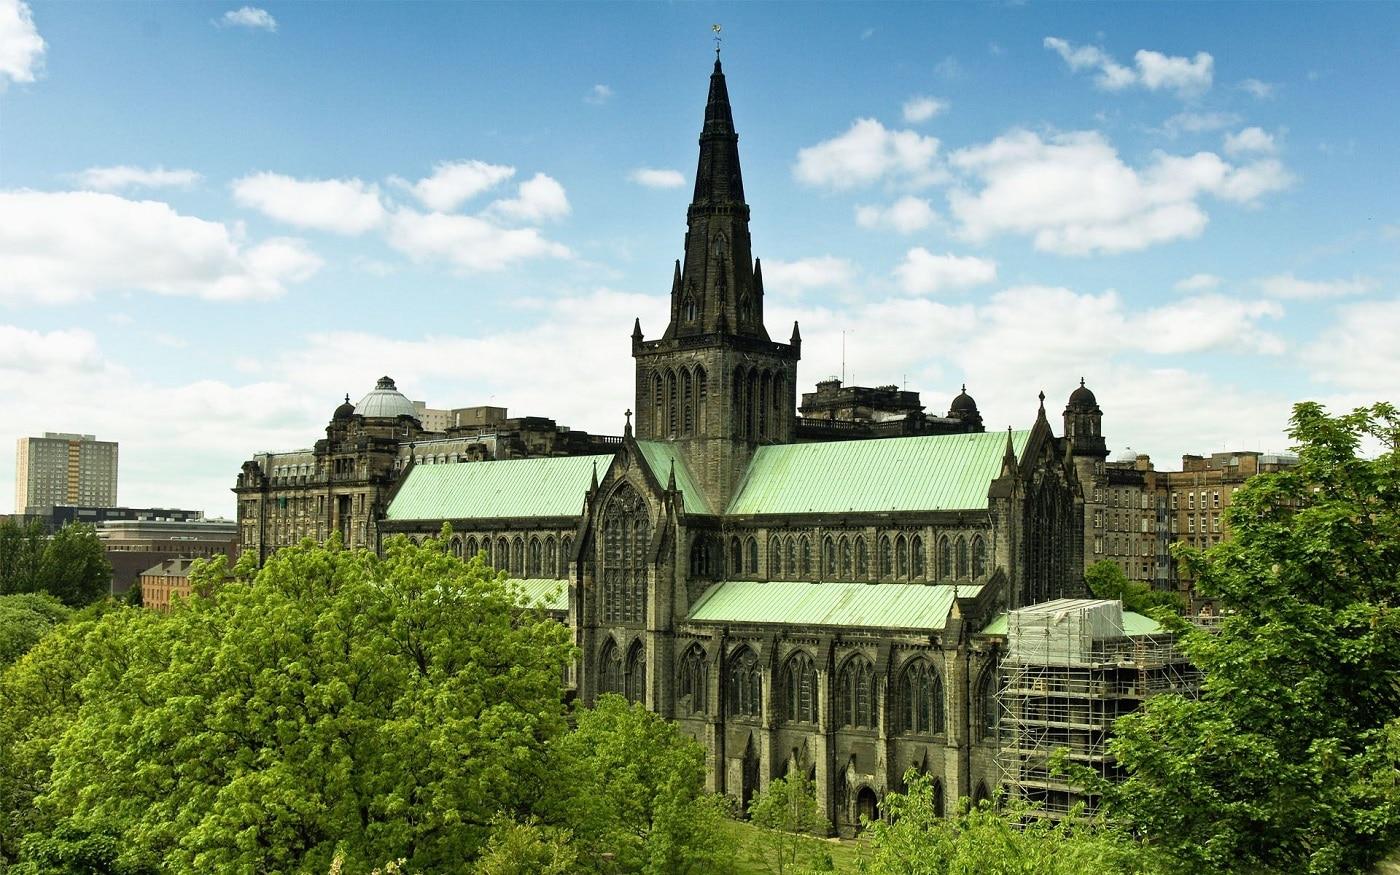 Catedrala din Glasgow a devenit deja un simbol al metropolei